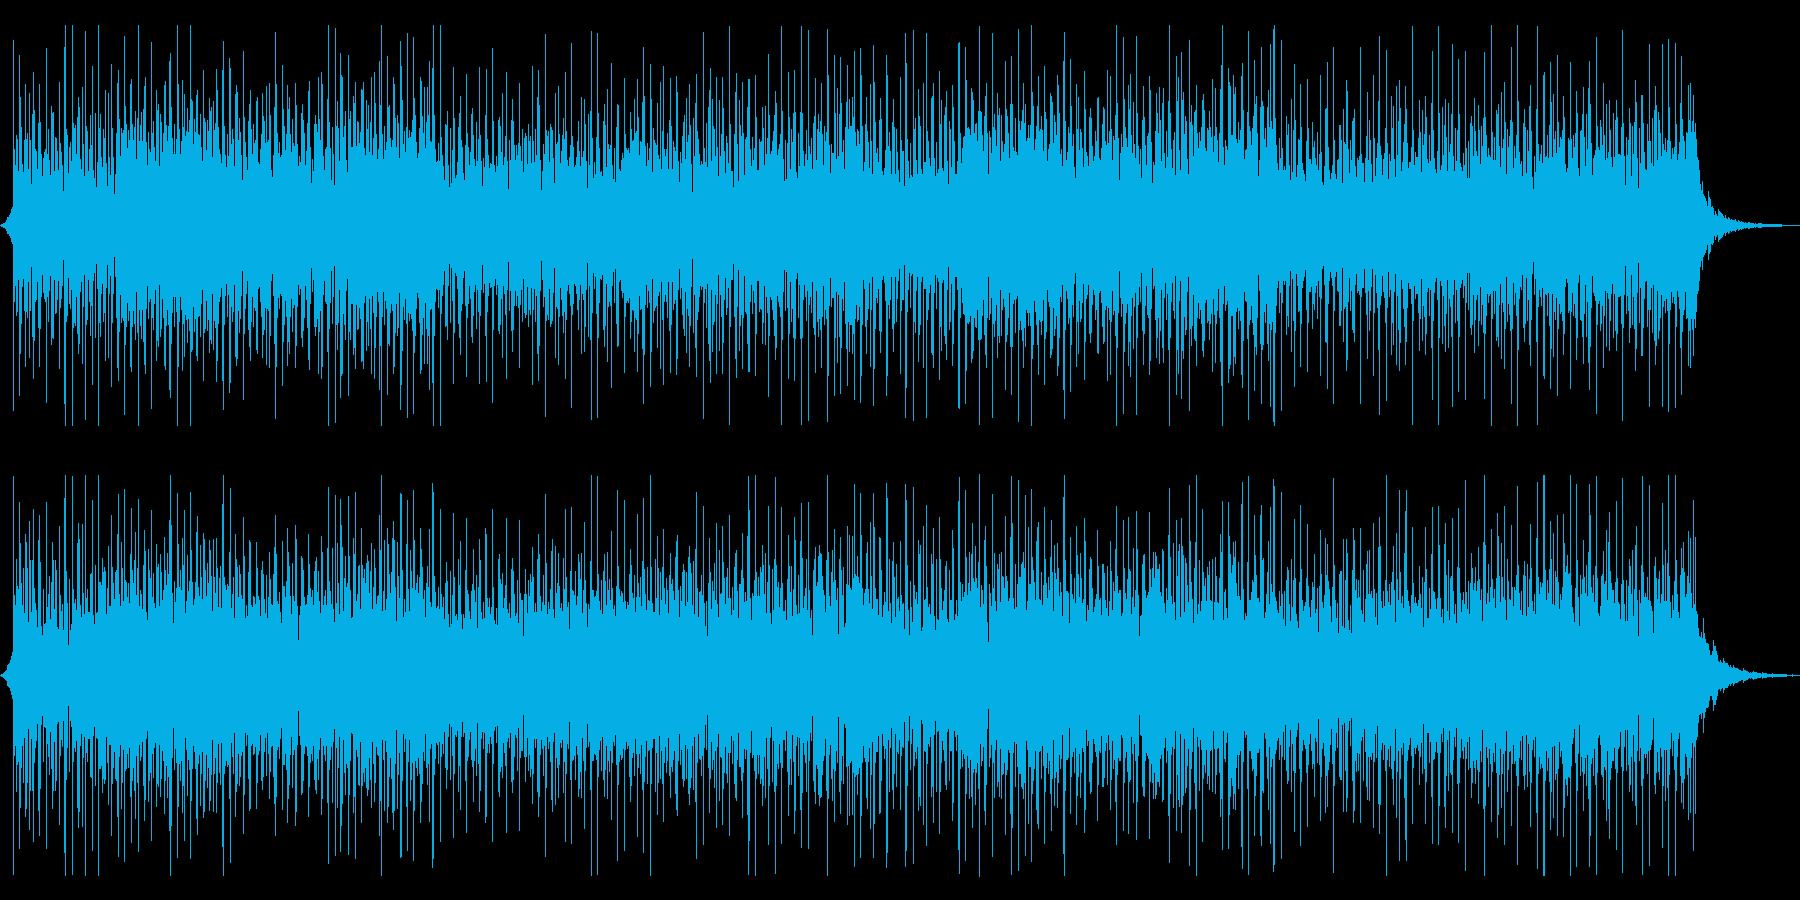 【ニュース】ニュース番組向け分析・解説Kの再生済みの波形